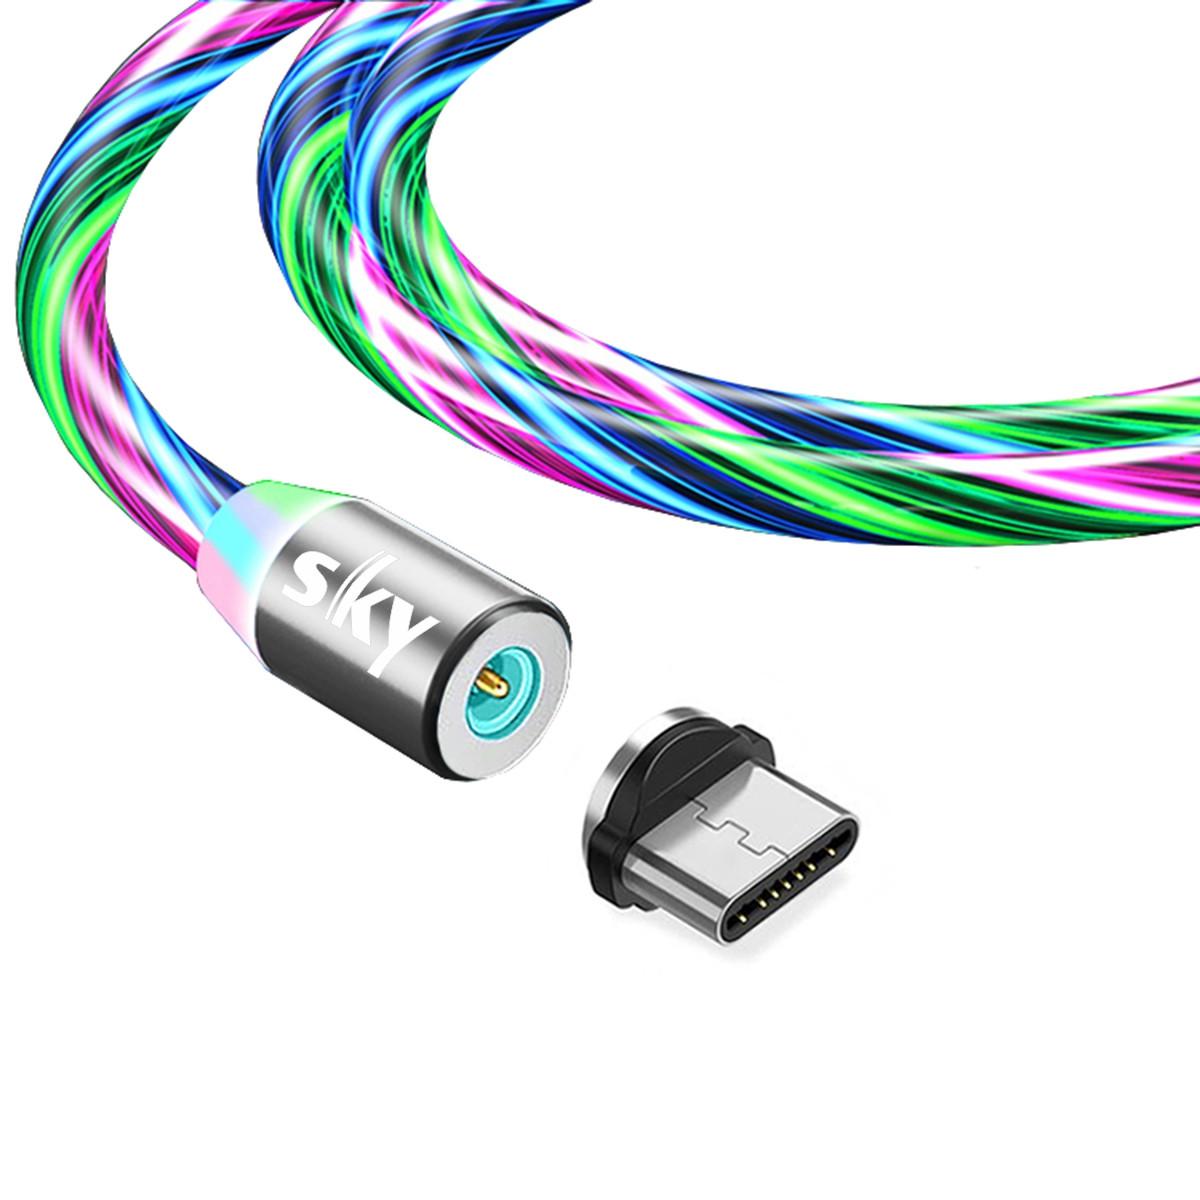 Магнітний кабель SKY type C (RZ) для заряджання (200 см) RGB